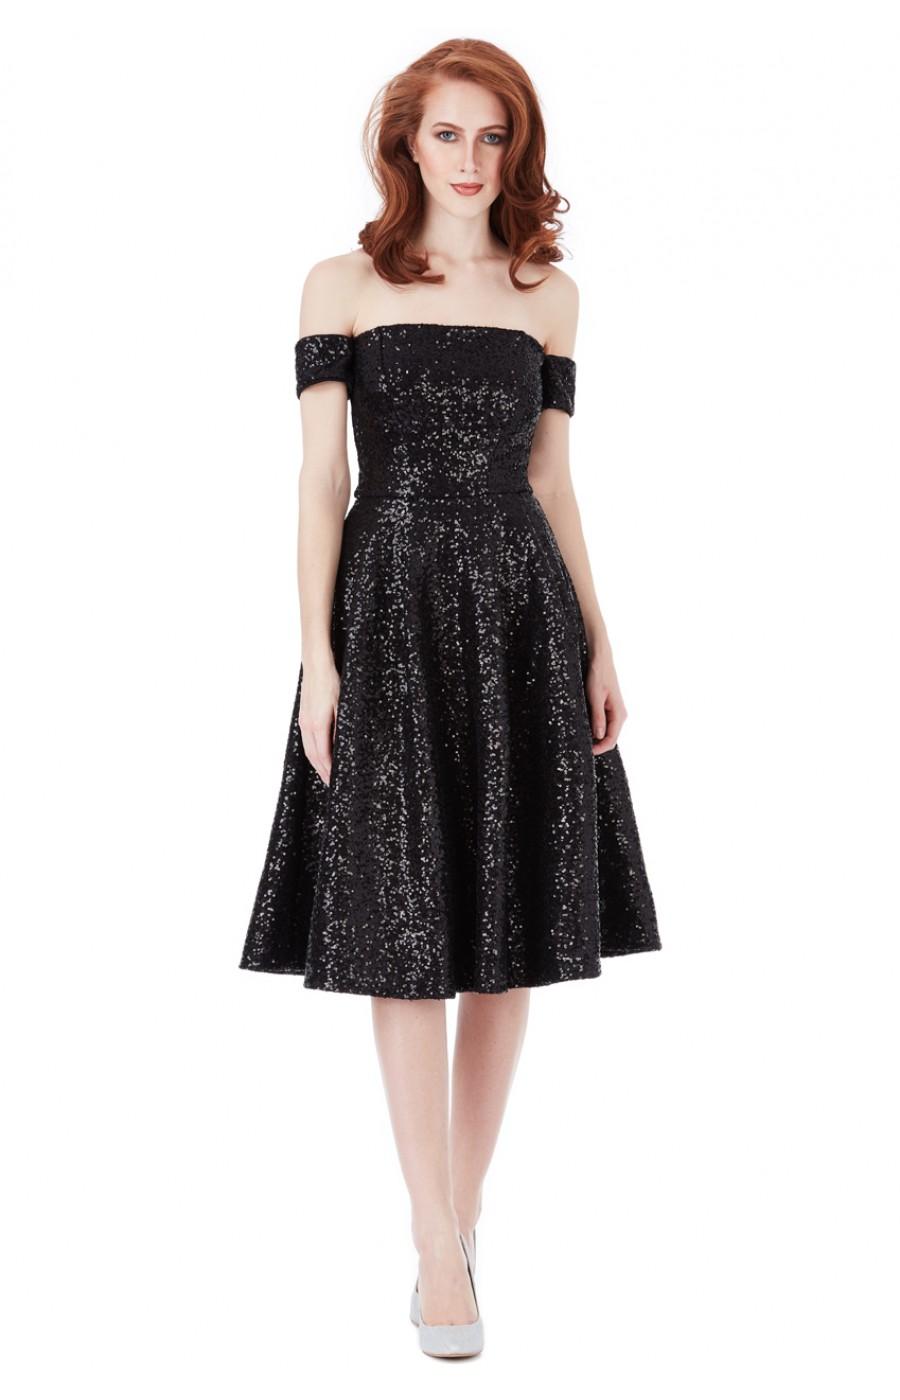 Μαύρο μίντι κλος φόρεμα απο παγιέτες με μανικακι